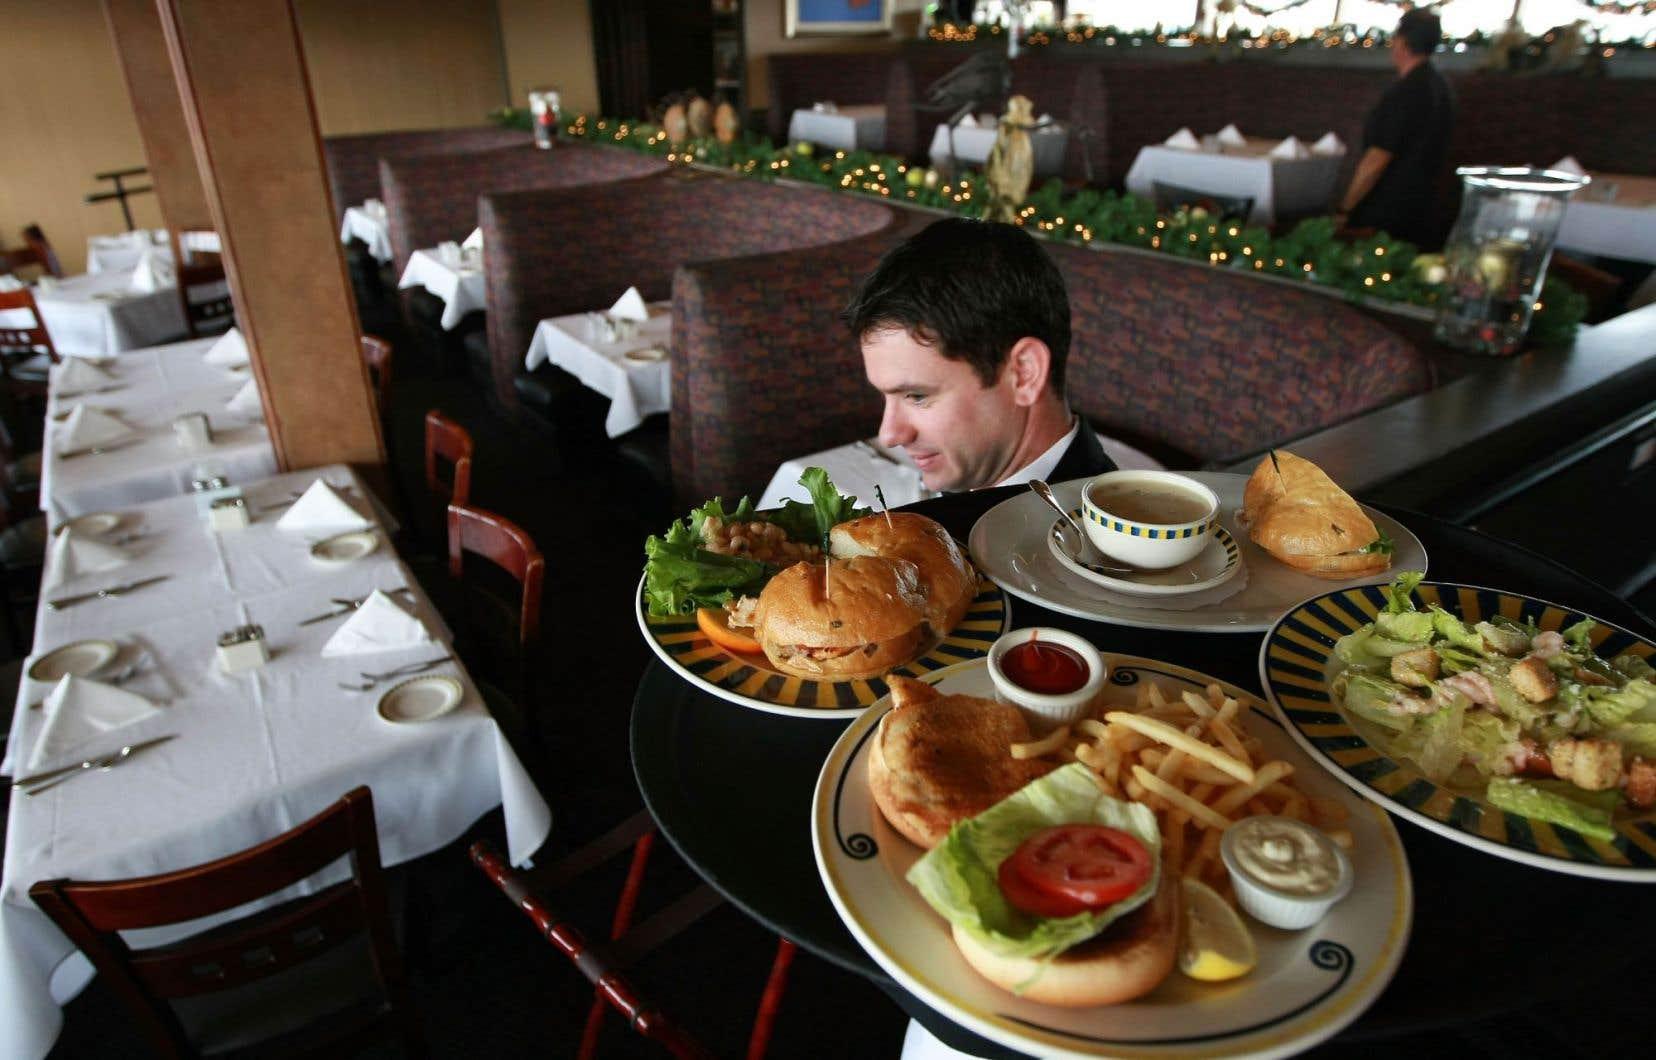 L'Association des restaurateurs du Québec suggère à ses cinq mille membres de refuser de servir les personnes allergiques ou, à défaut, de leur faire signer une décharge de responsabilité.